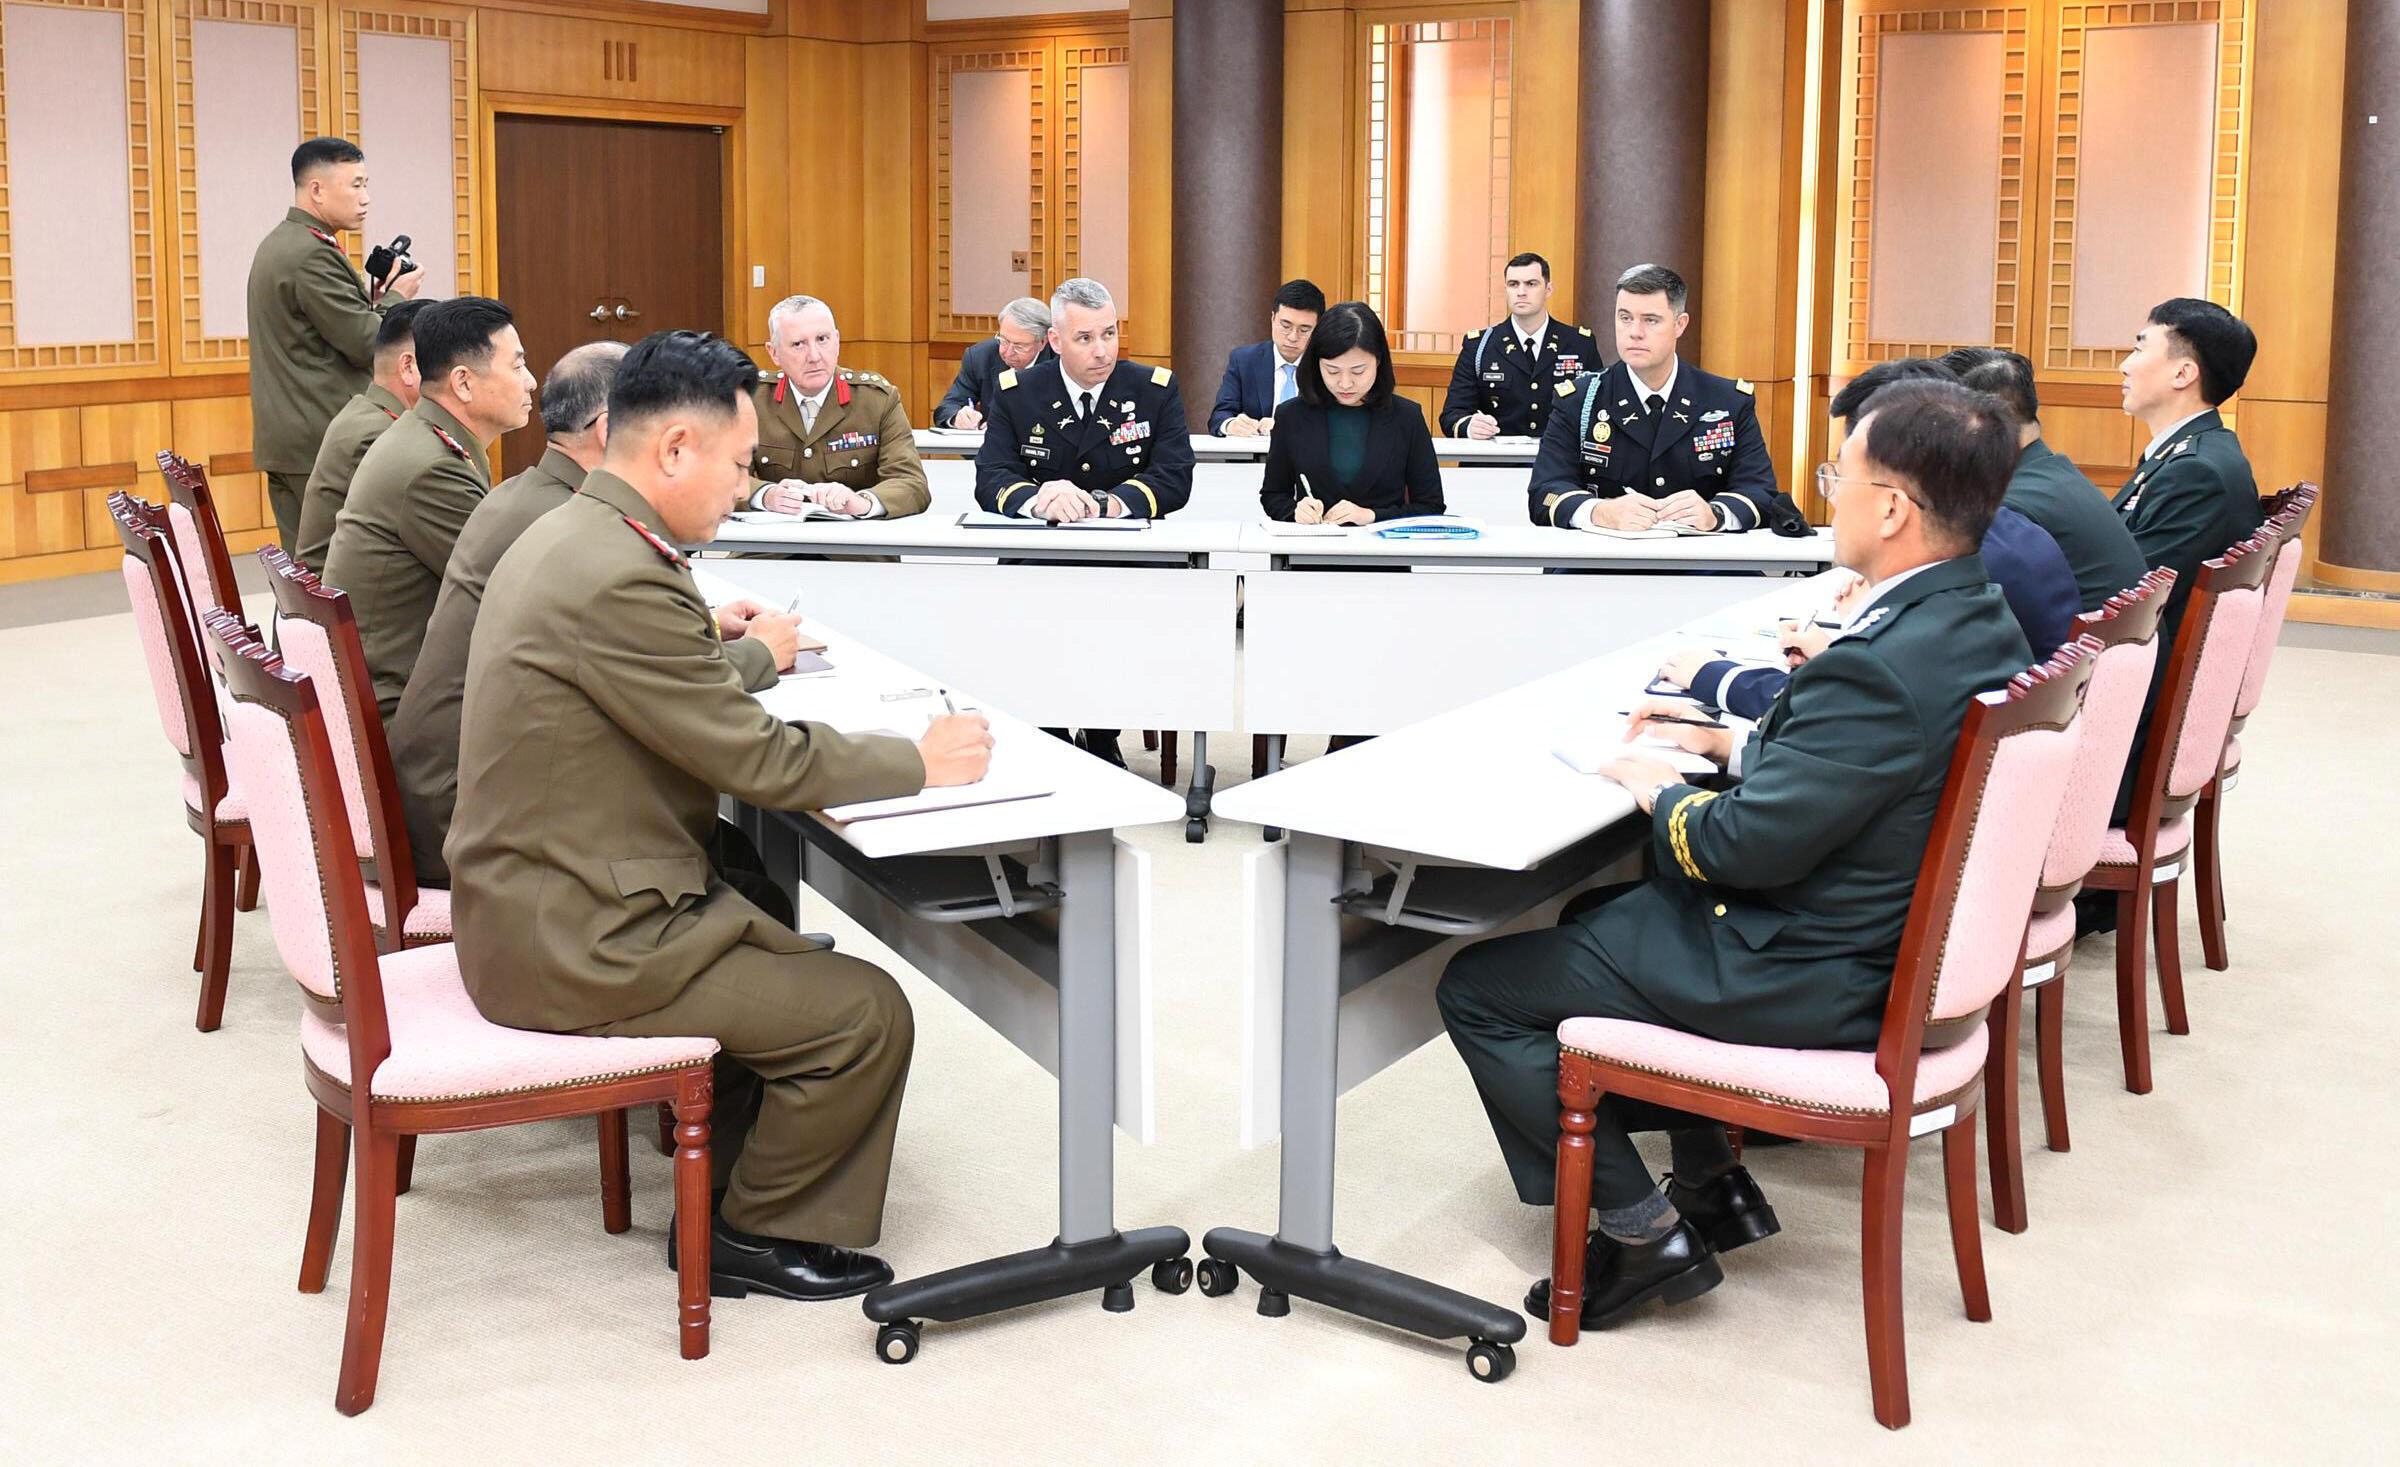 Ảnh minh họa : Cuộc họp giới quan sự Hàn Quốc, Bắc Triều Tiên và Liên Hiệp Quốc tại Bàn Môn Điếm ngày 16/10/2018.